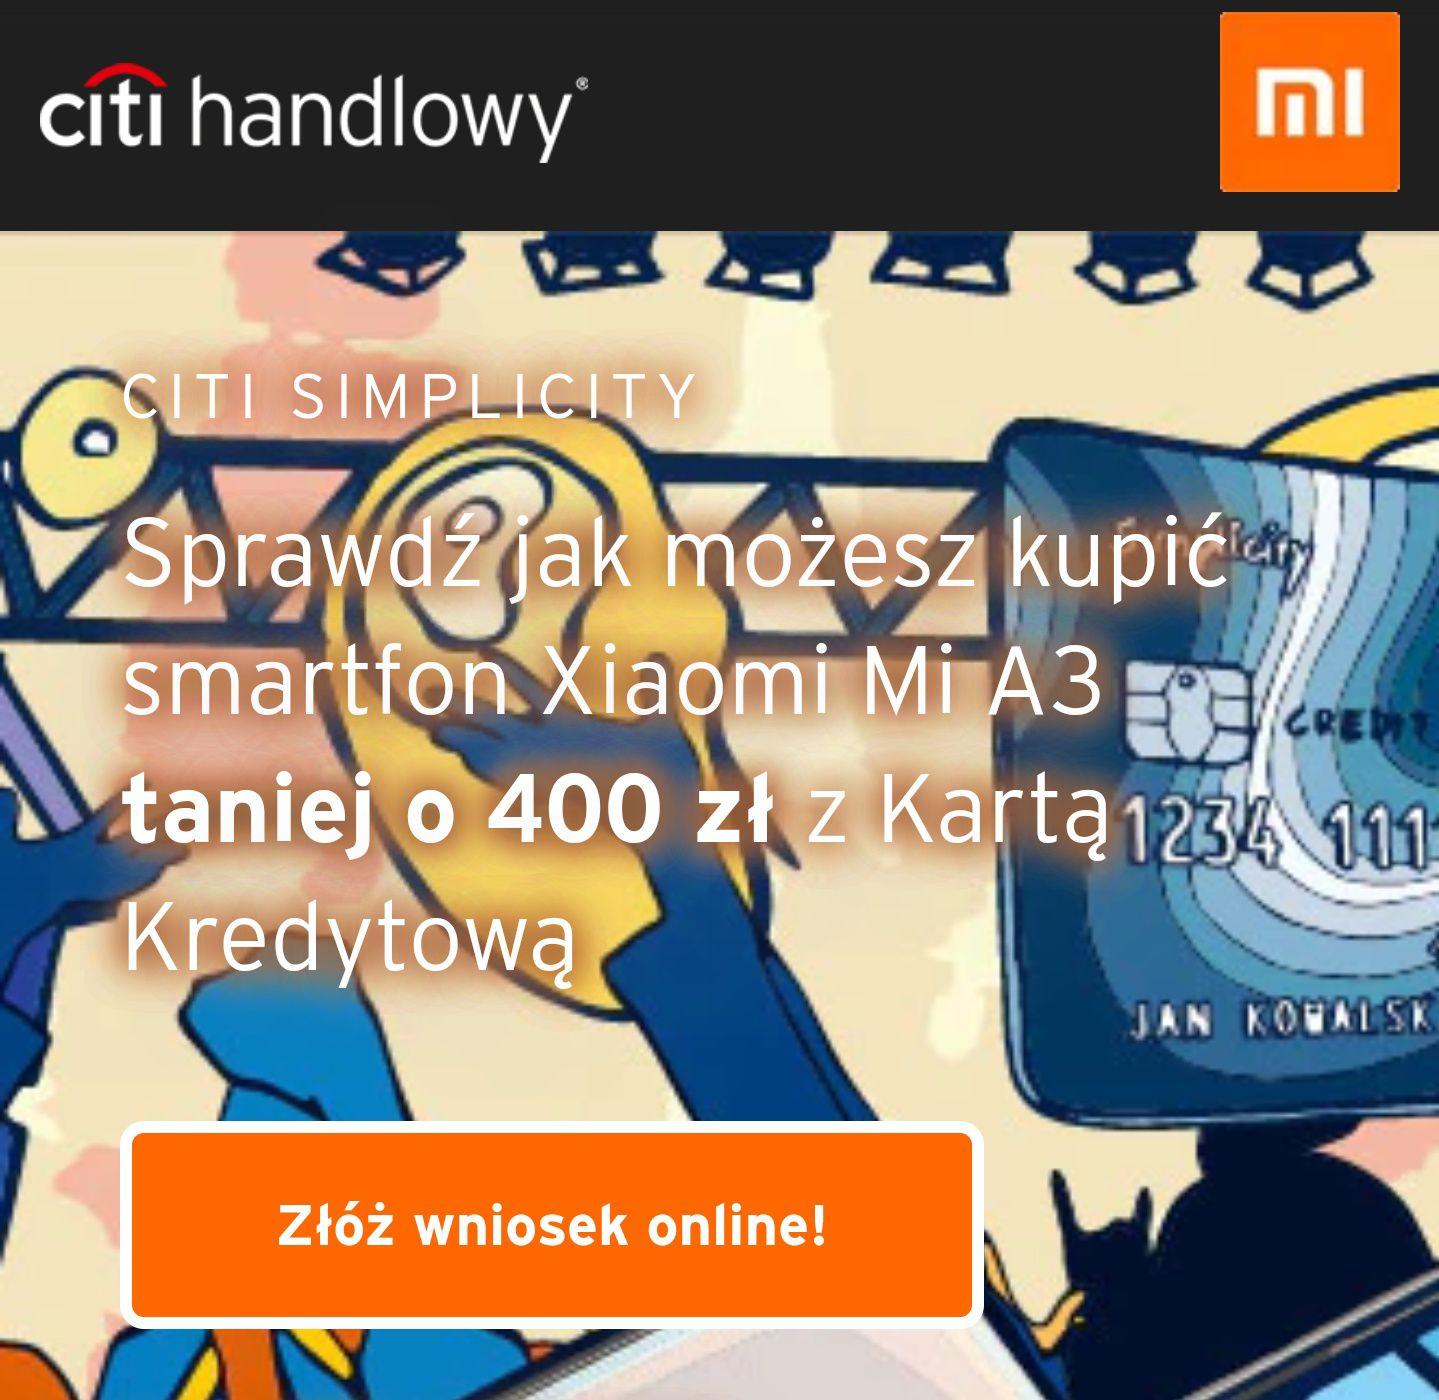 400zł zniżki na Mi-home.pl z kodem rabatowym za założenie karty kredytowej Citi Simplicity (Citi Handlowy)